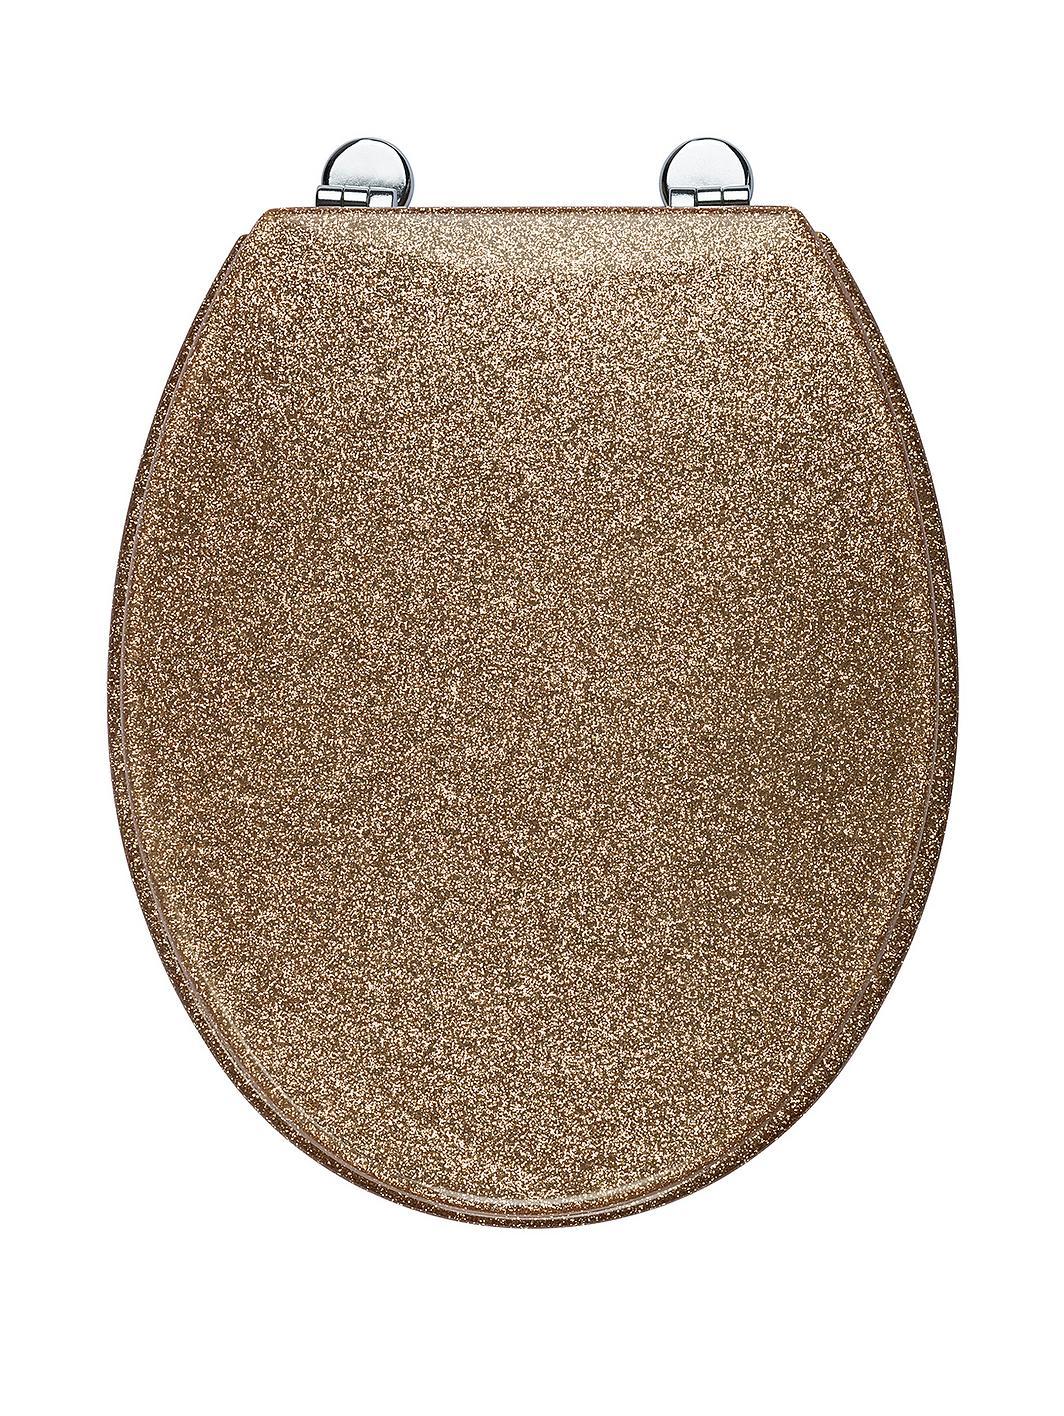 white sparkle toilet seat. Gold Glitter Toilet Seat Home Decor Ryanmathates UsAstonishing White  Sparkle Images Best inspirationWhite Croydex Grey Silver by